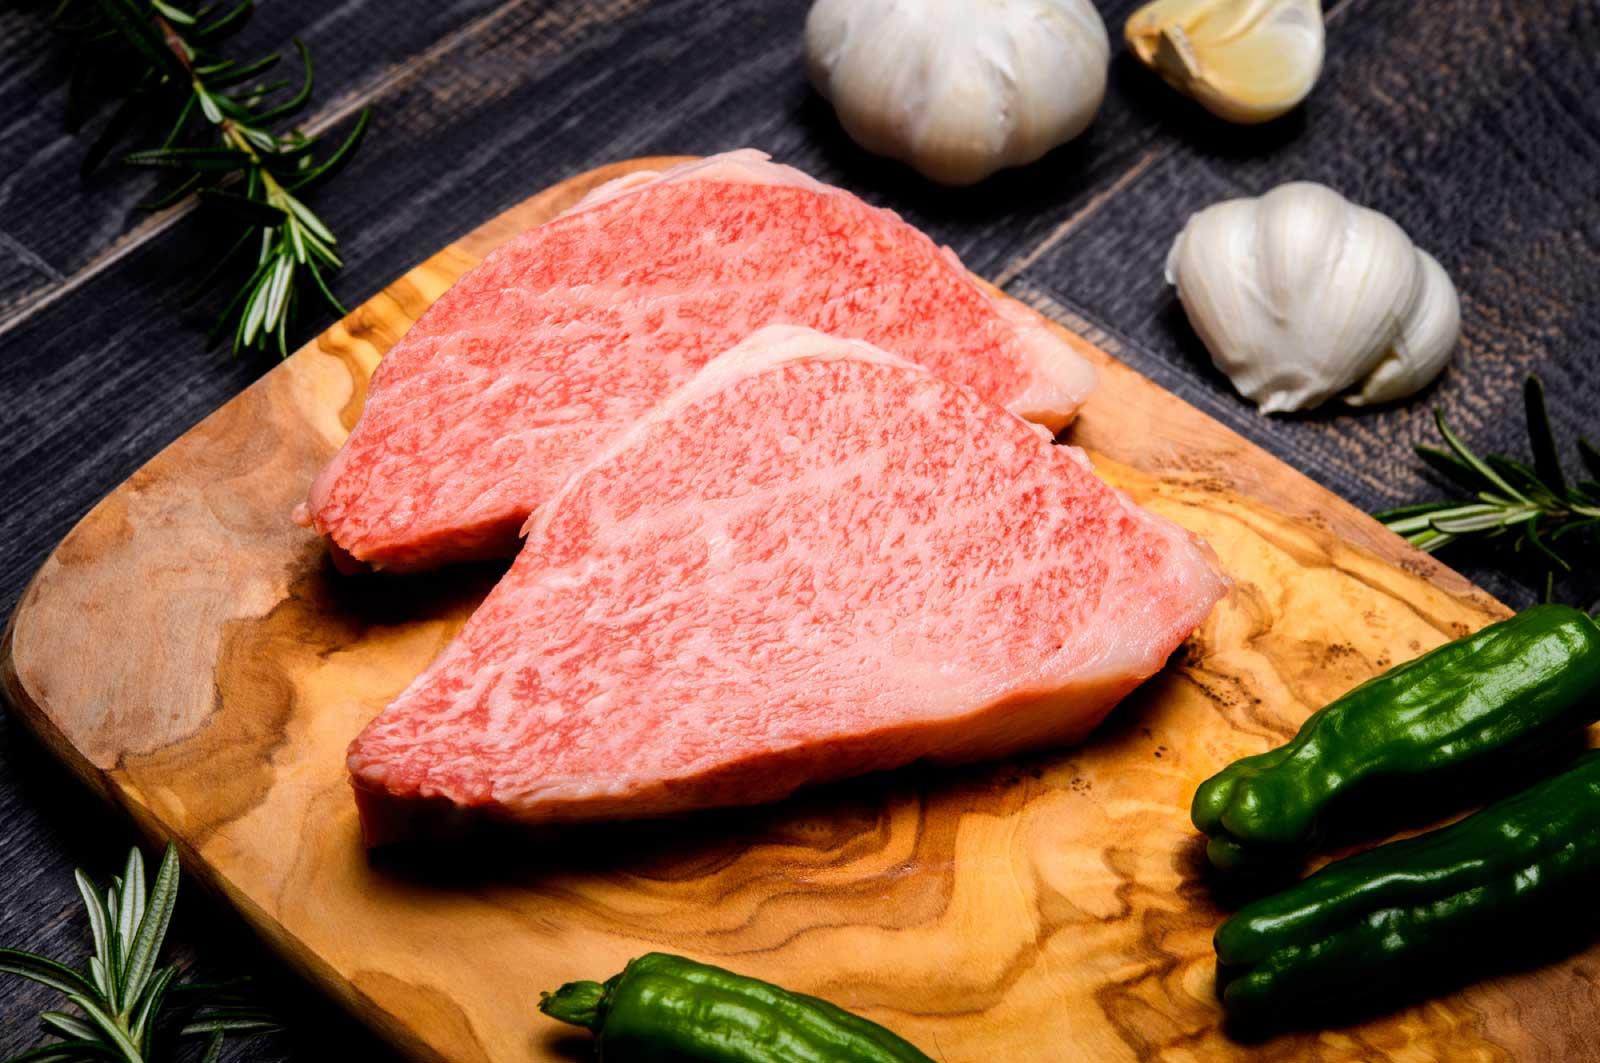 相模原には美味しいステーキをいただくことのできるお店がたくさんある